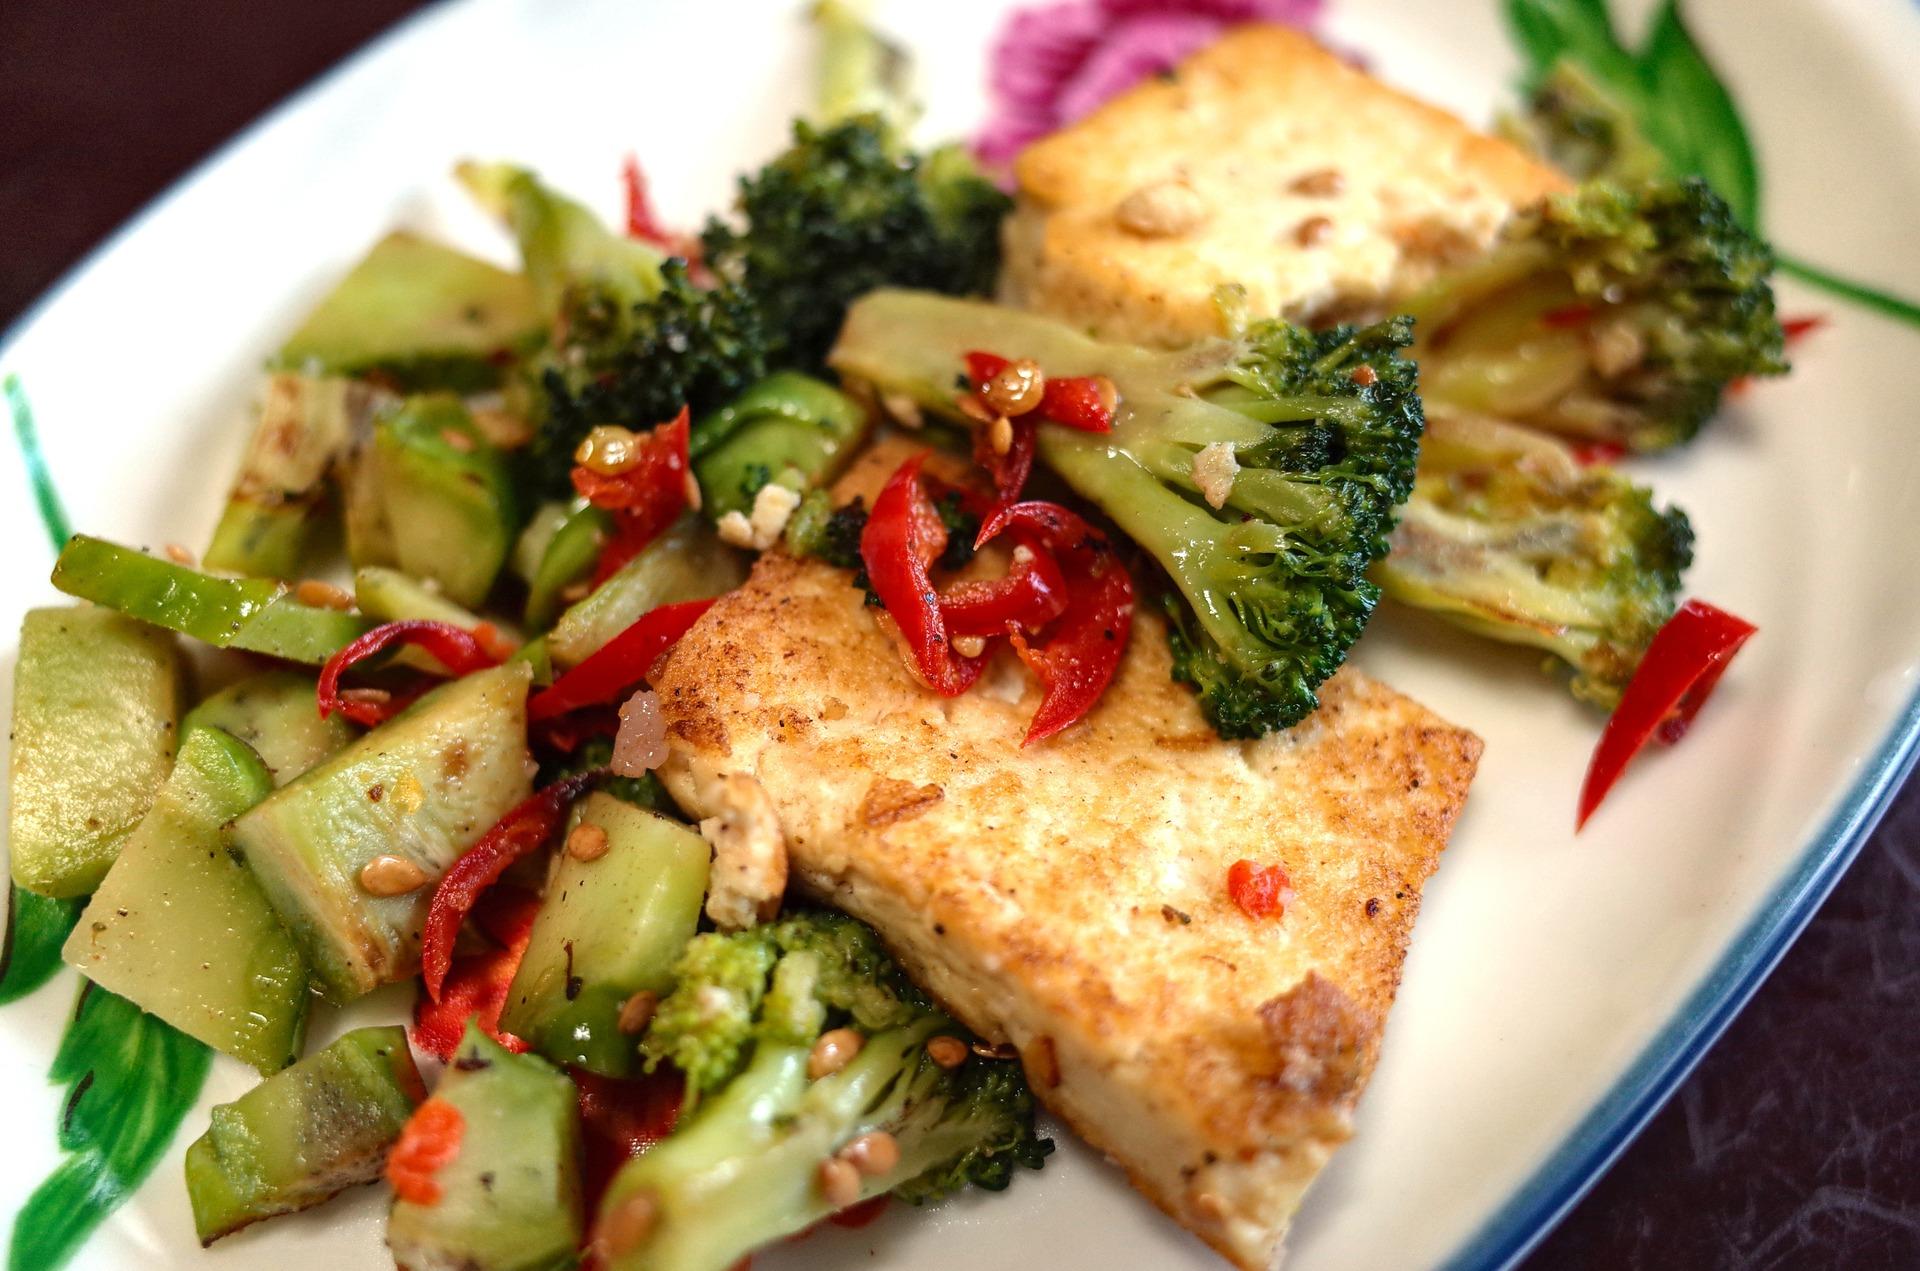 vegetarian-1141242_1920.jpg